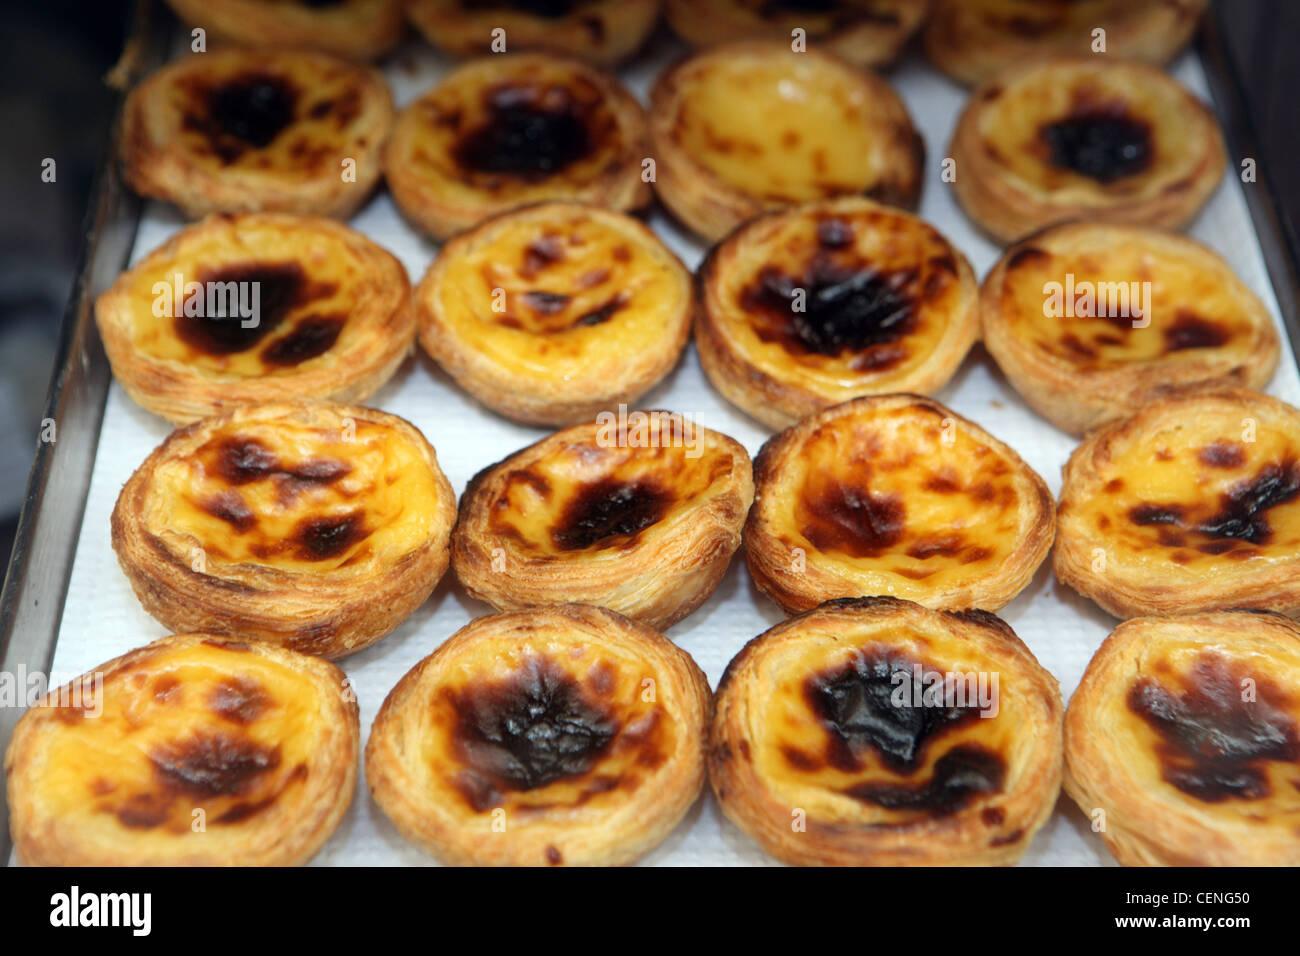 Pastel De Nata Portugiesische Eiercreme Kuchen Zum Verkauf In